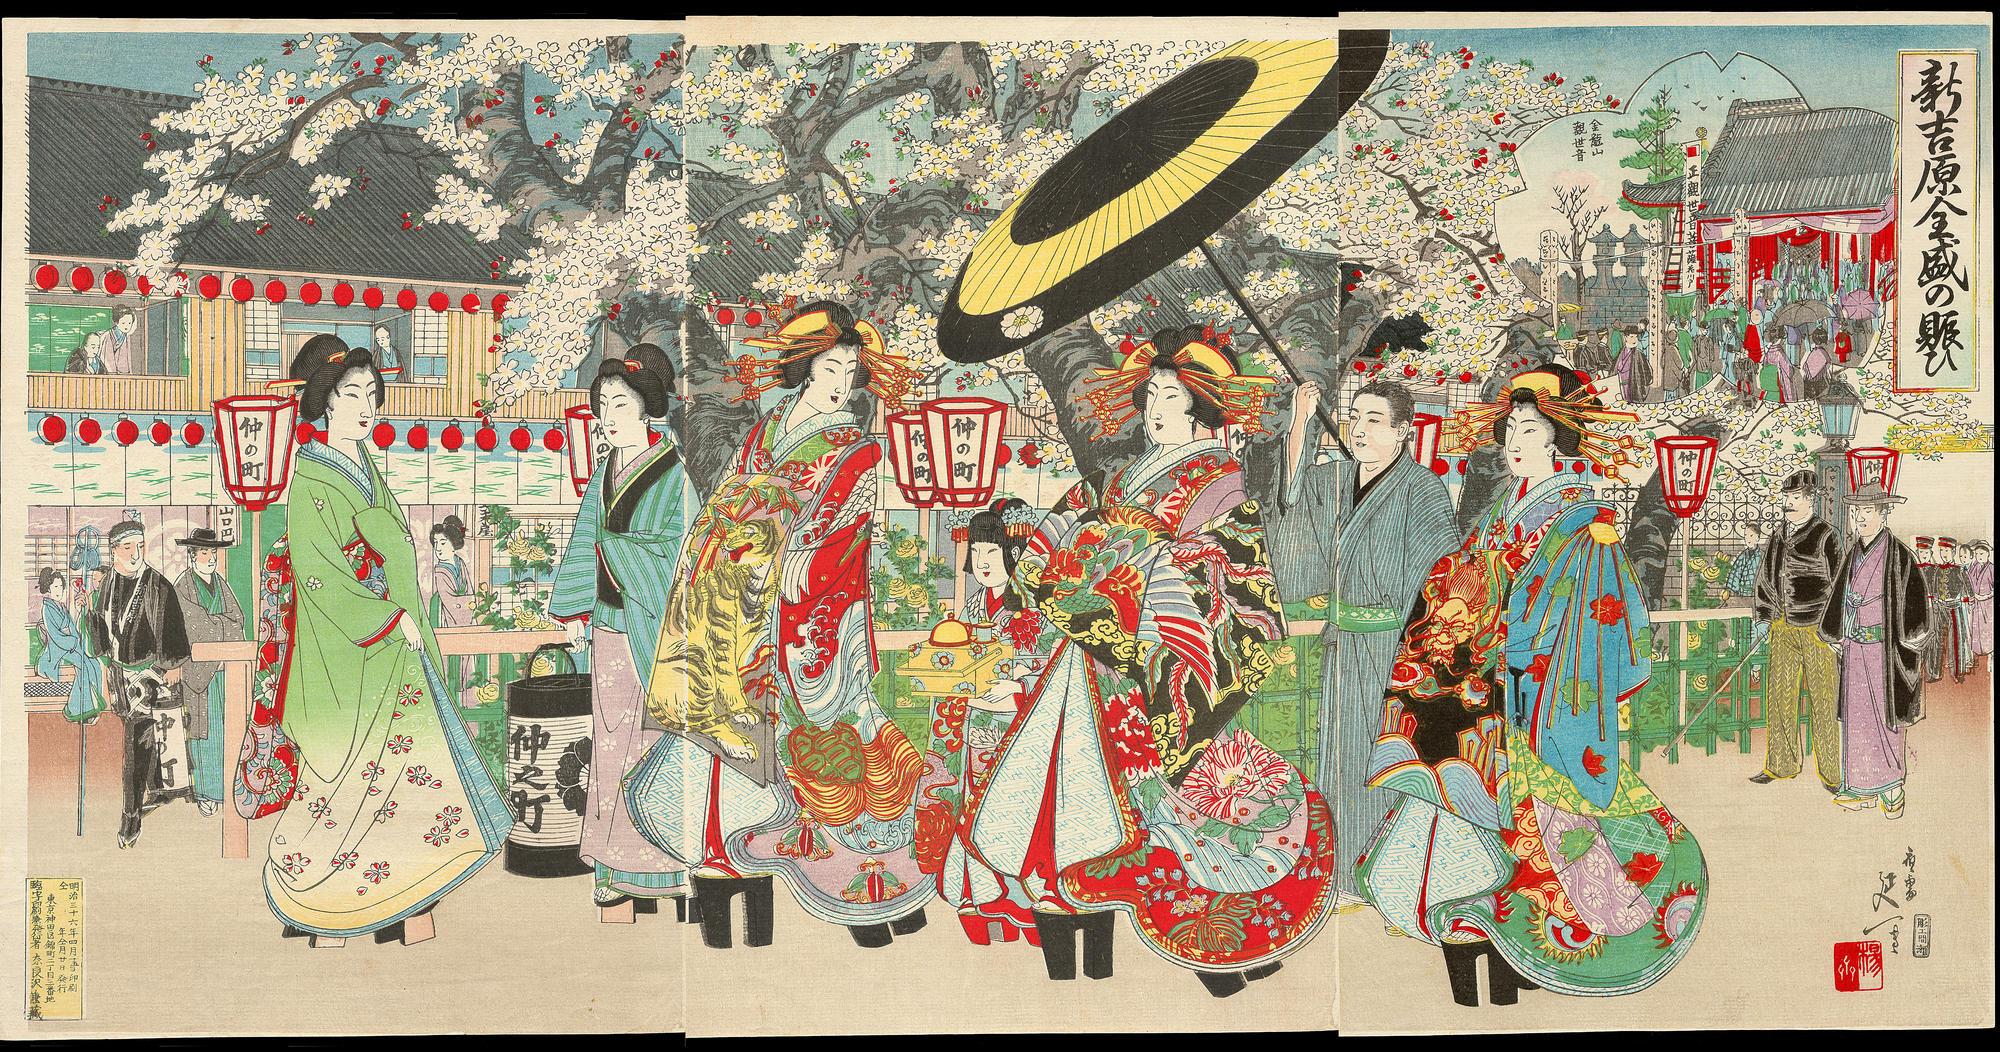 昔から、私たち日本の女性は、「逞(たくま)しい」 ~ 女性優位の日本